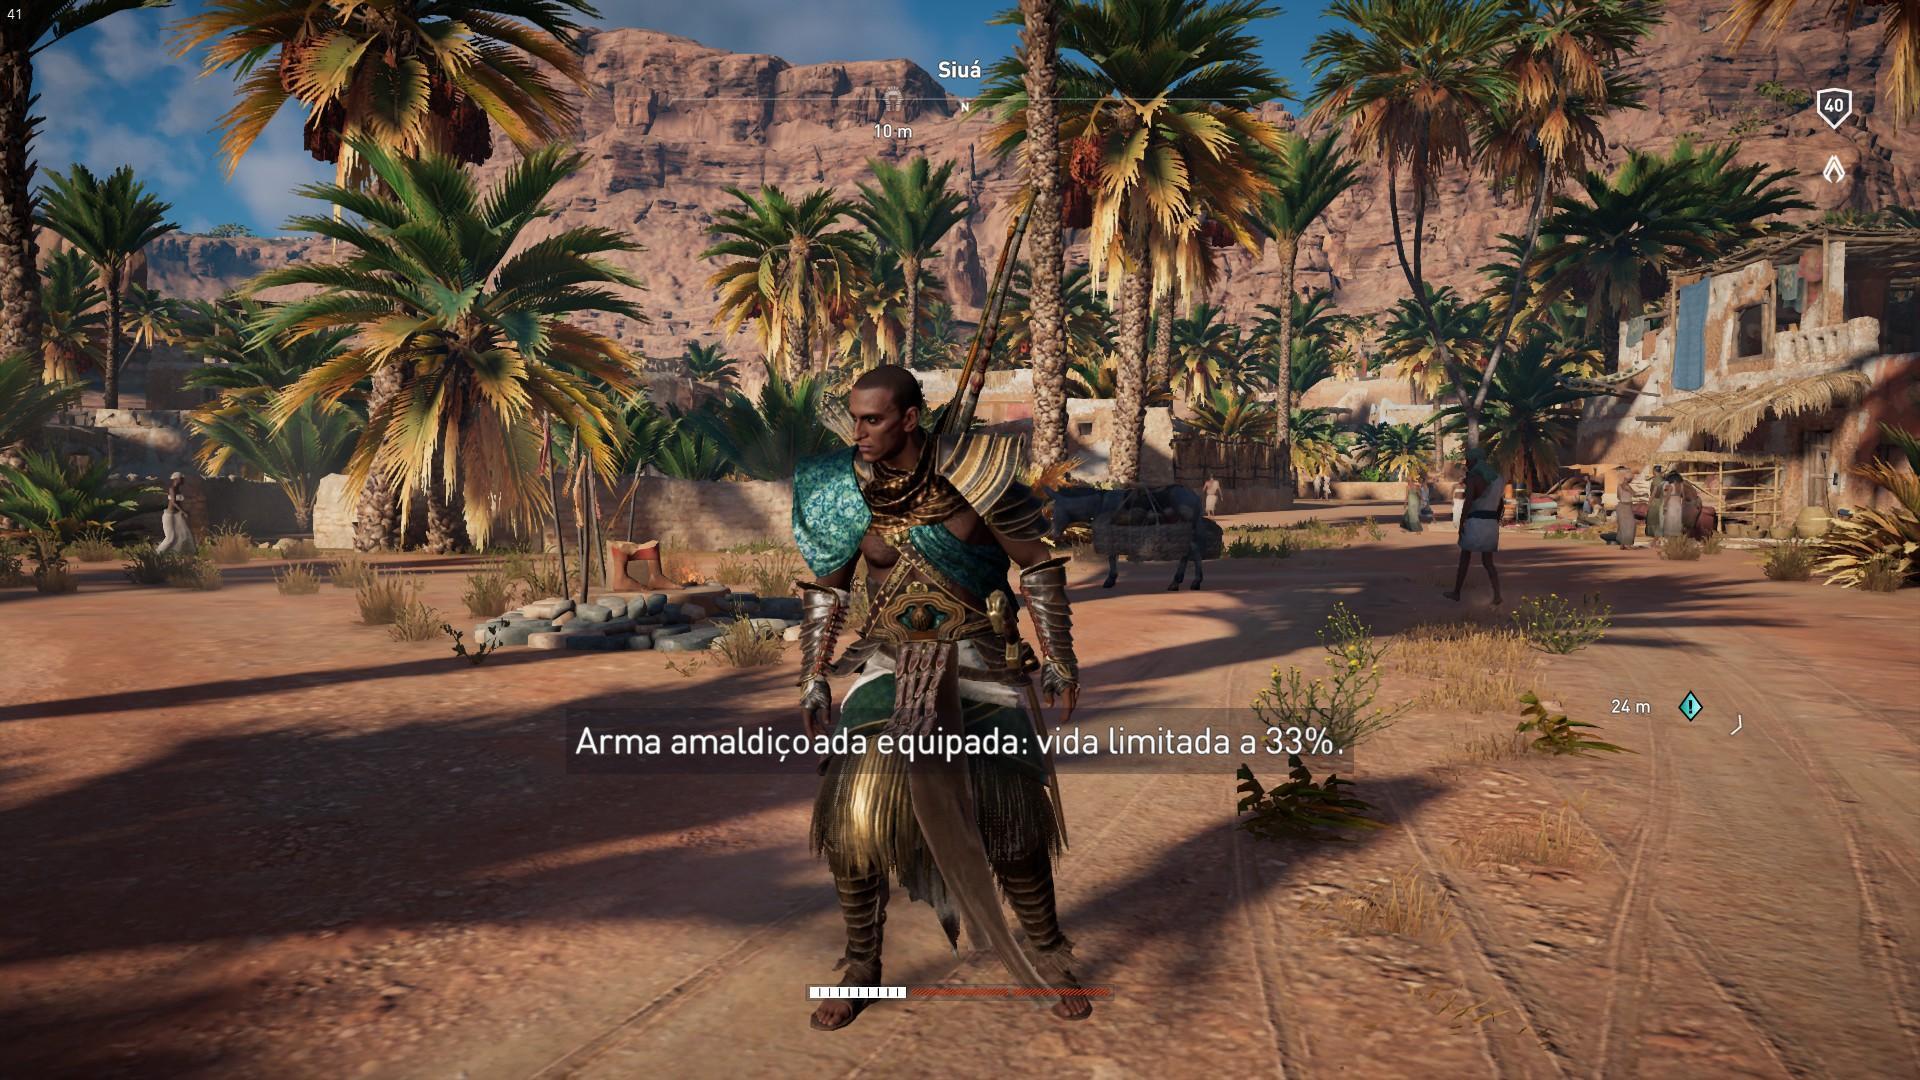 Itens Amaldiçoados em Assassin's Creed Origins